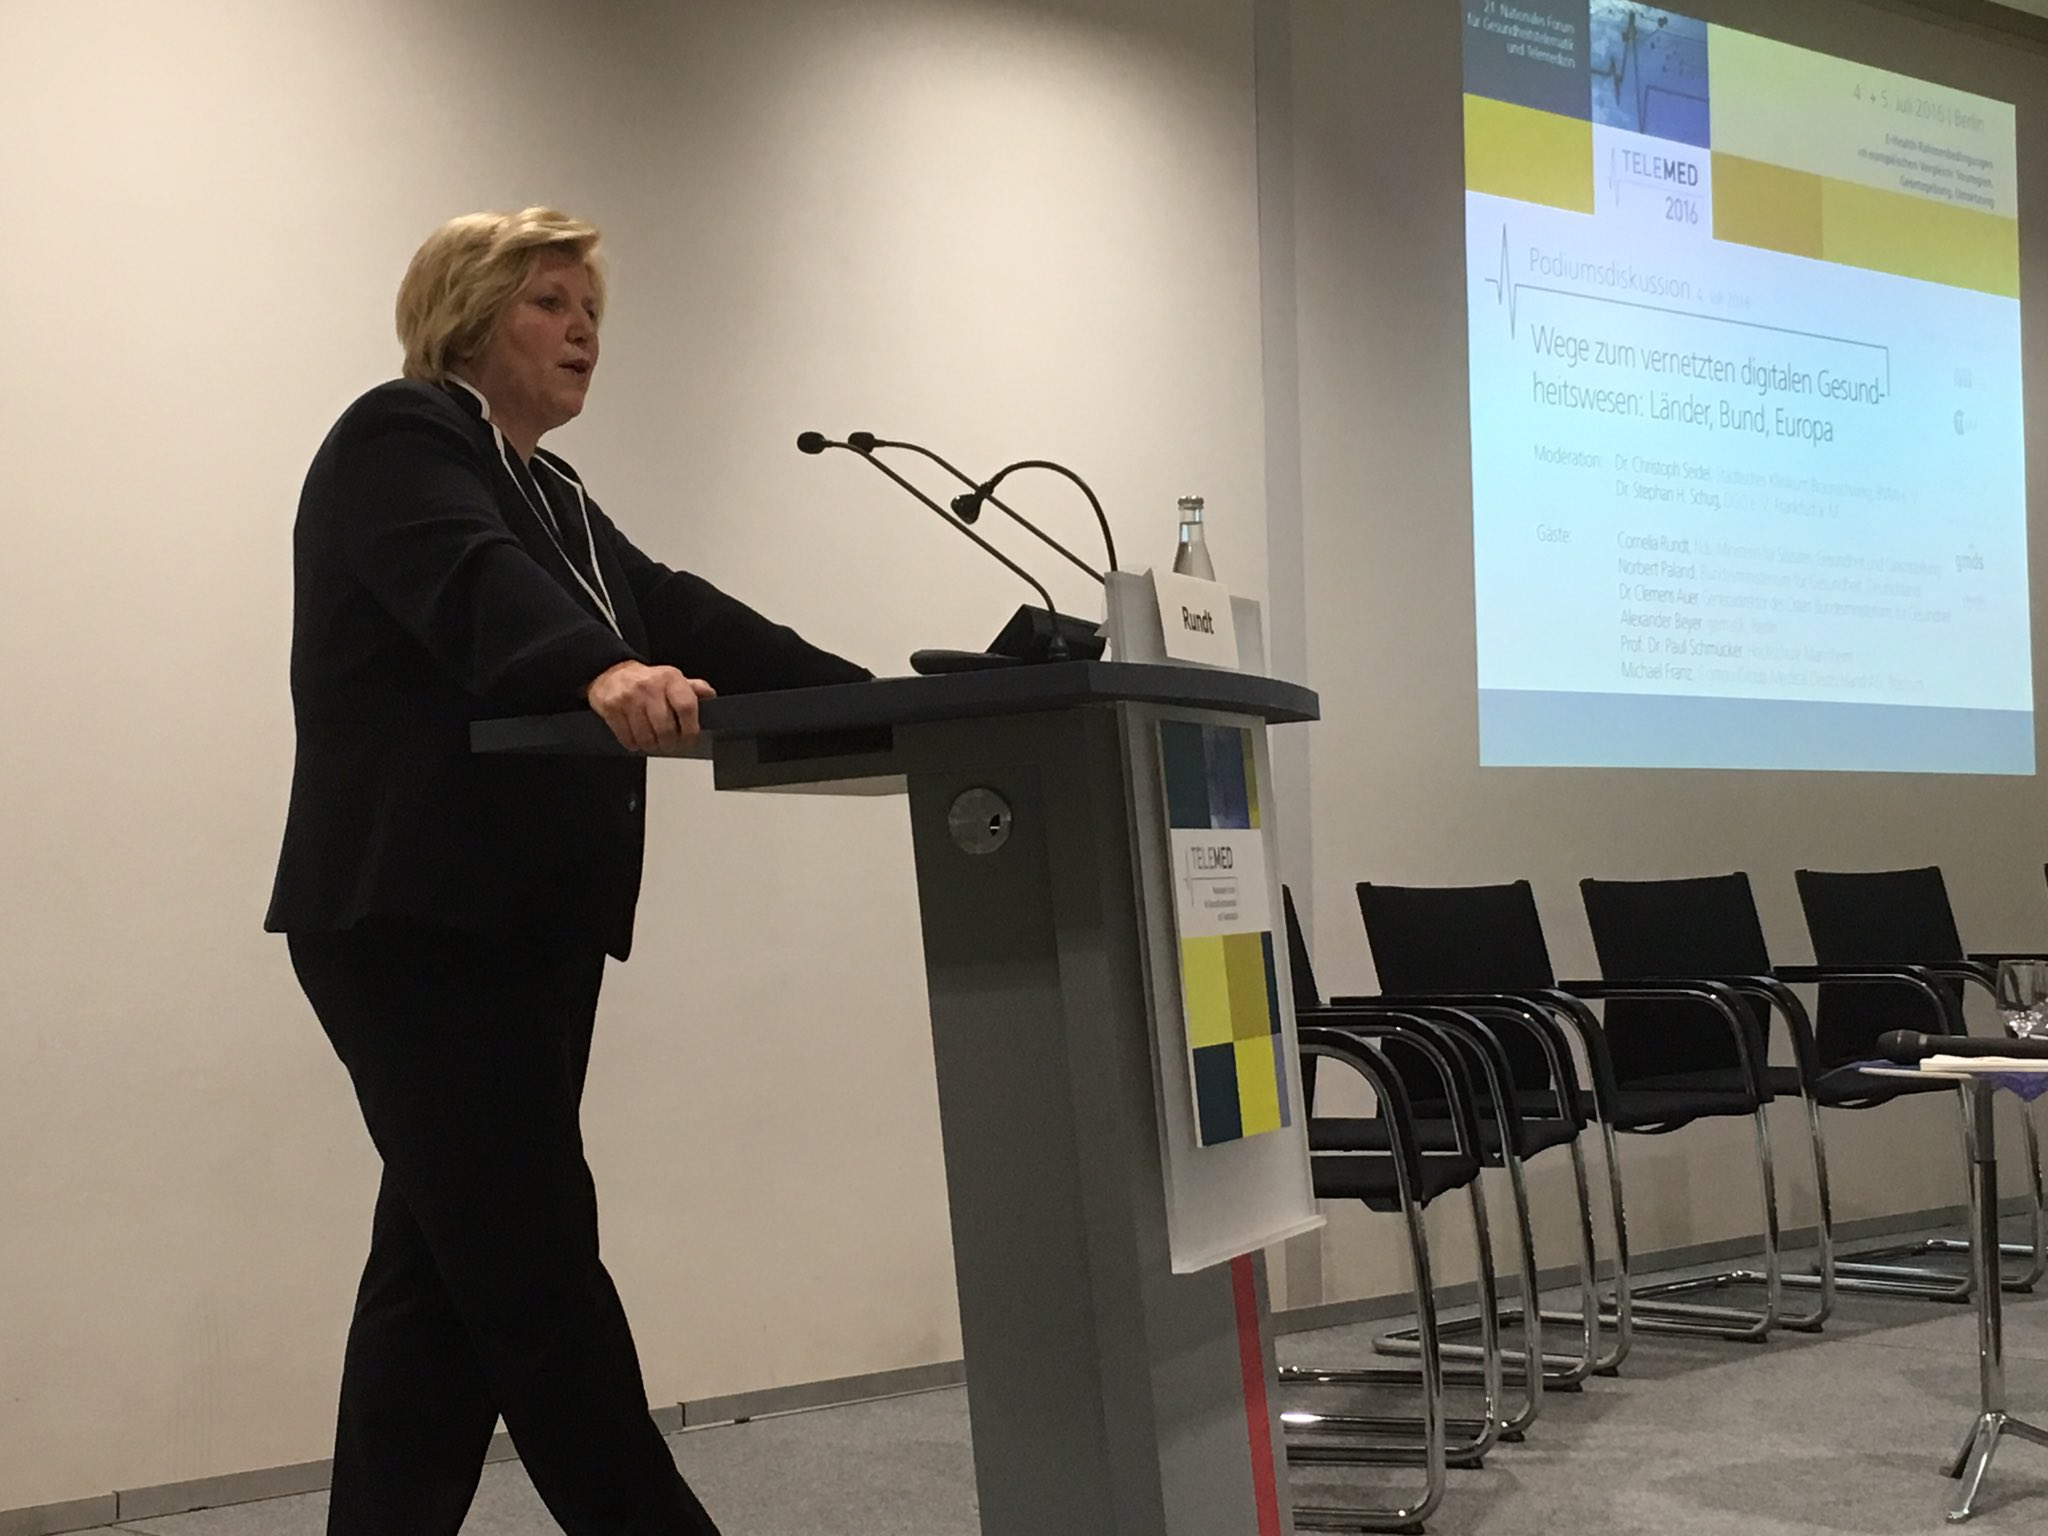 Ministerin Rundt (Niedersachsen):  Digitalisierung im Gesundheitswesen nur mit Kontrolle und Akzeptanz #telemed16 https://t.co/jx3dGhCxTR